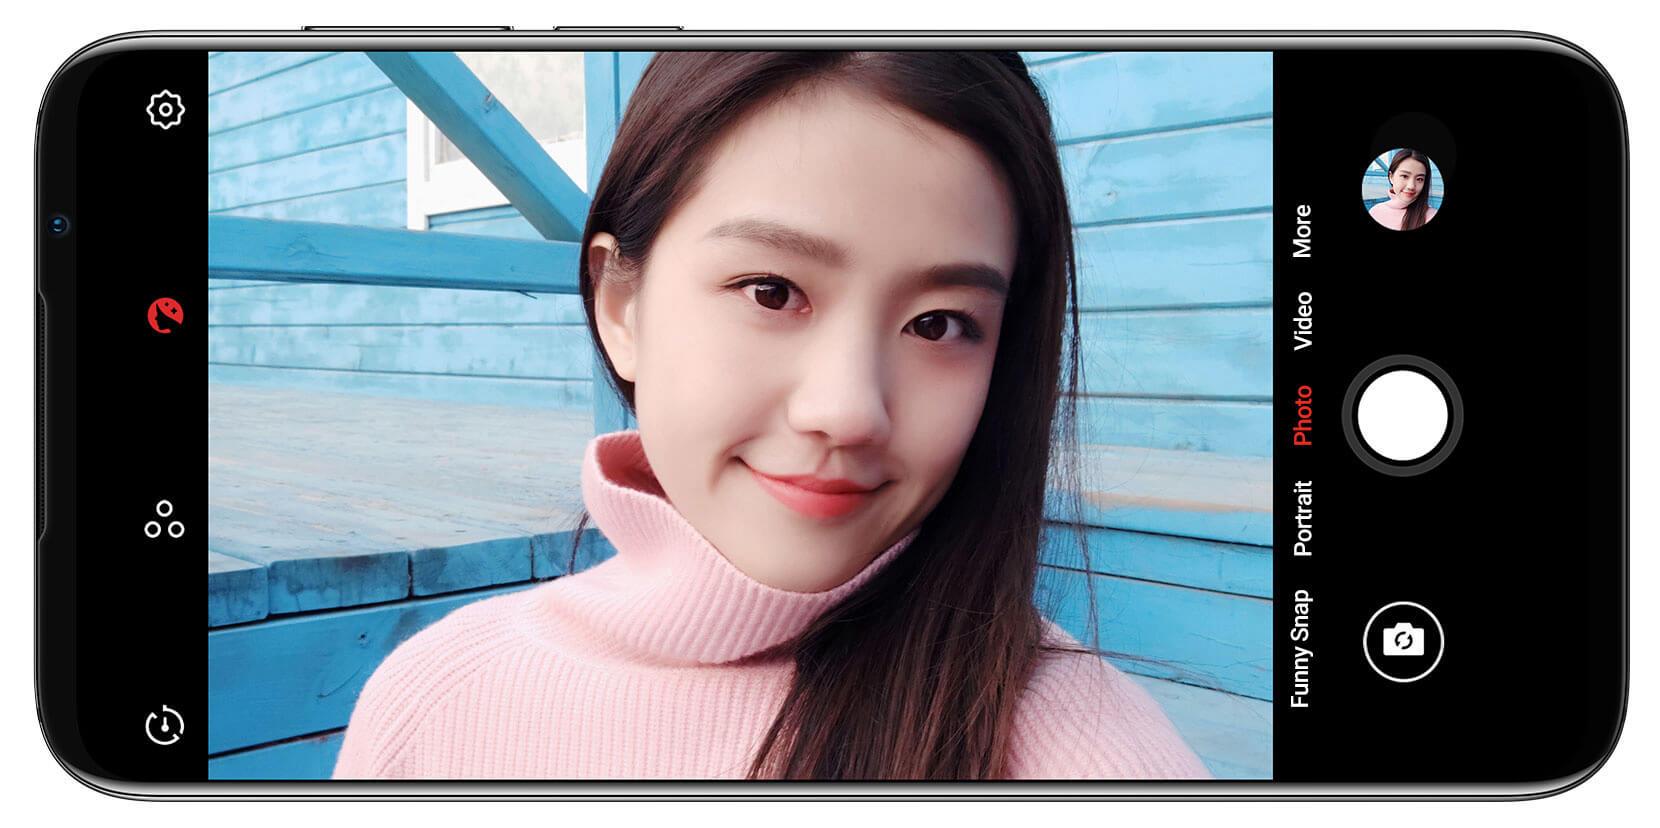 Meizu 16s selfie camera